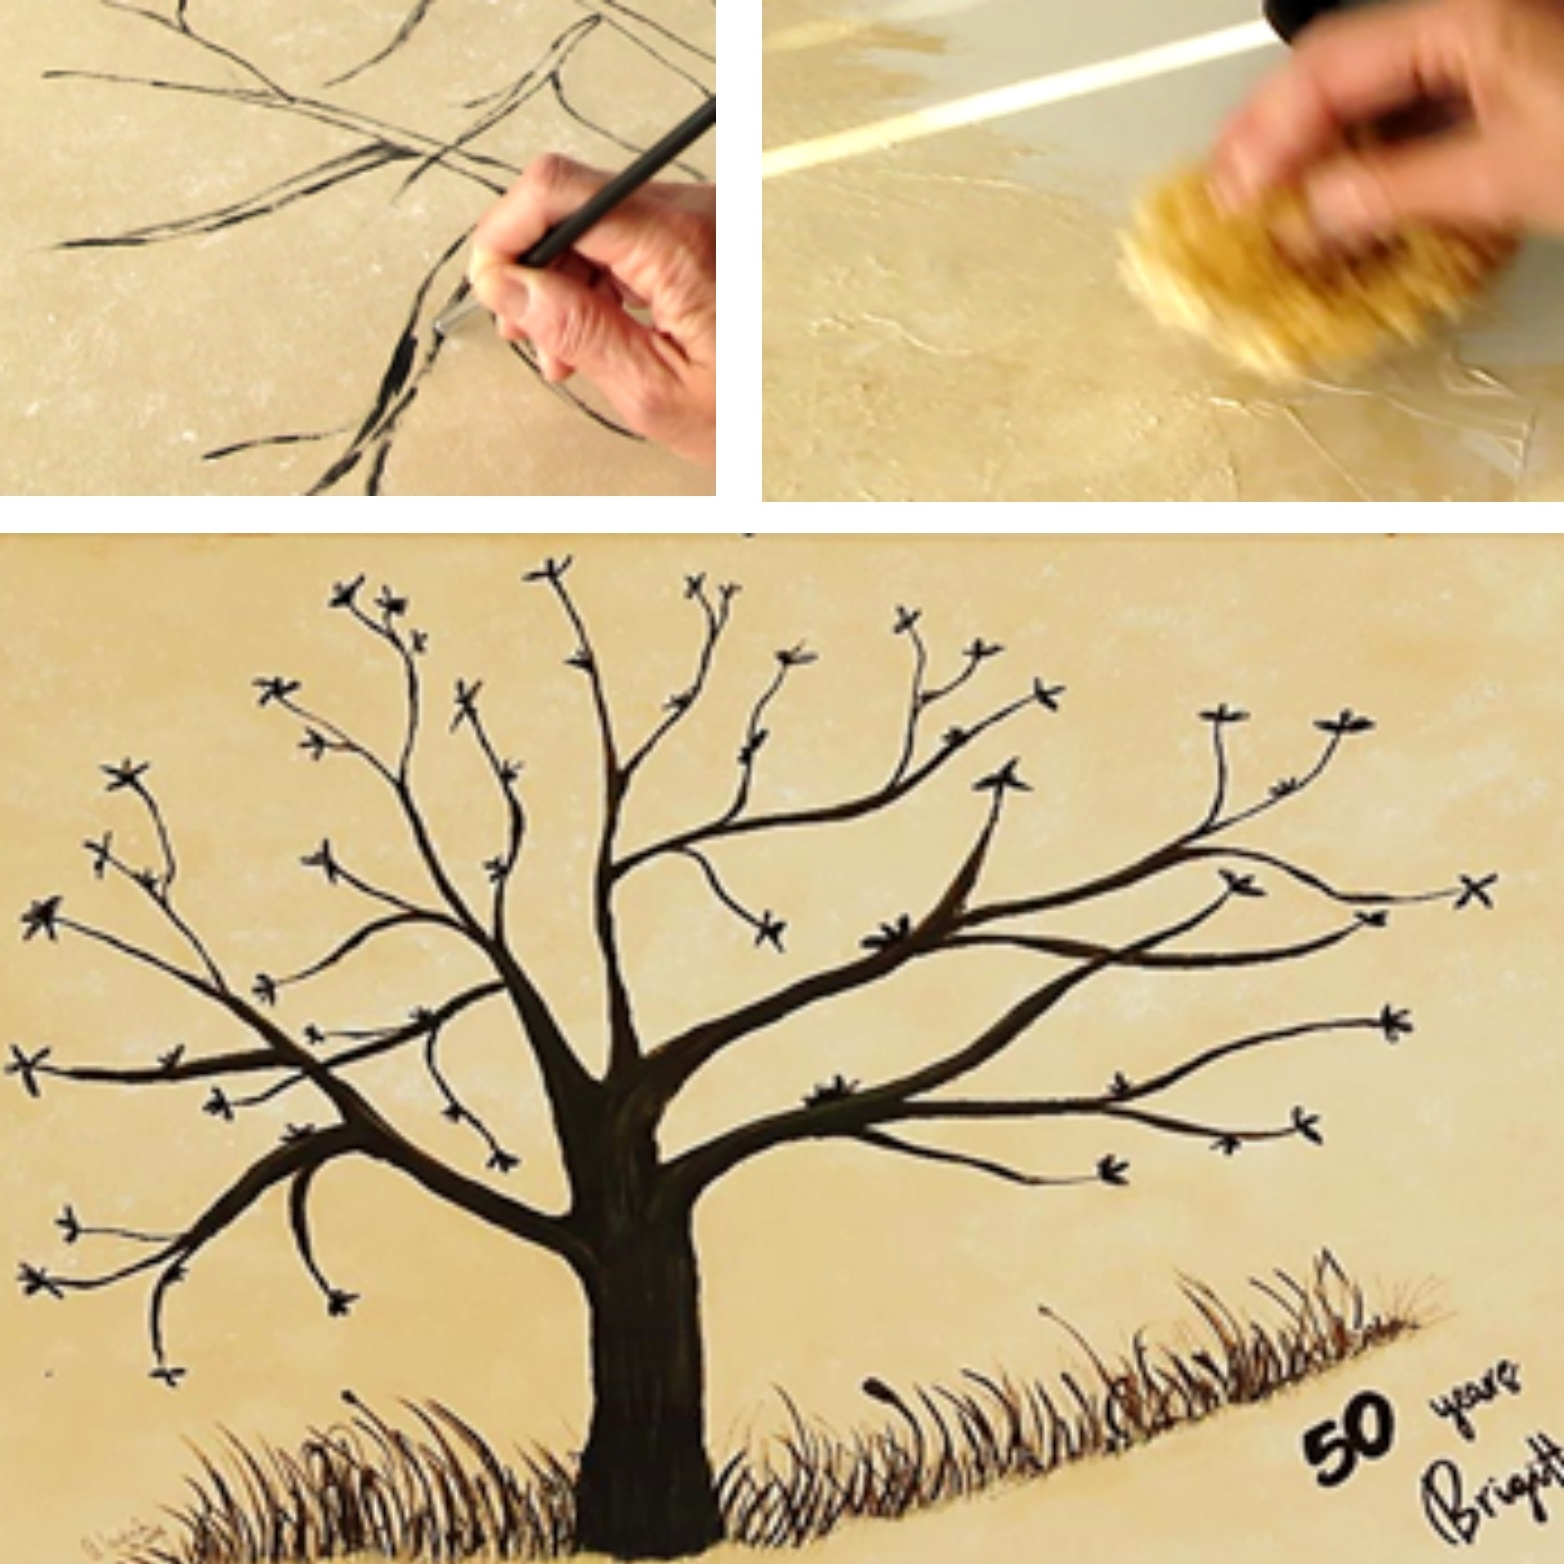 Diy Malen Acryl Baum Für Partyspiel Hintergrund Schwammtechnik